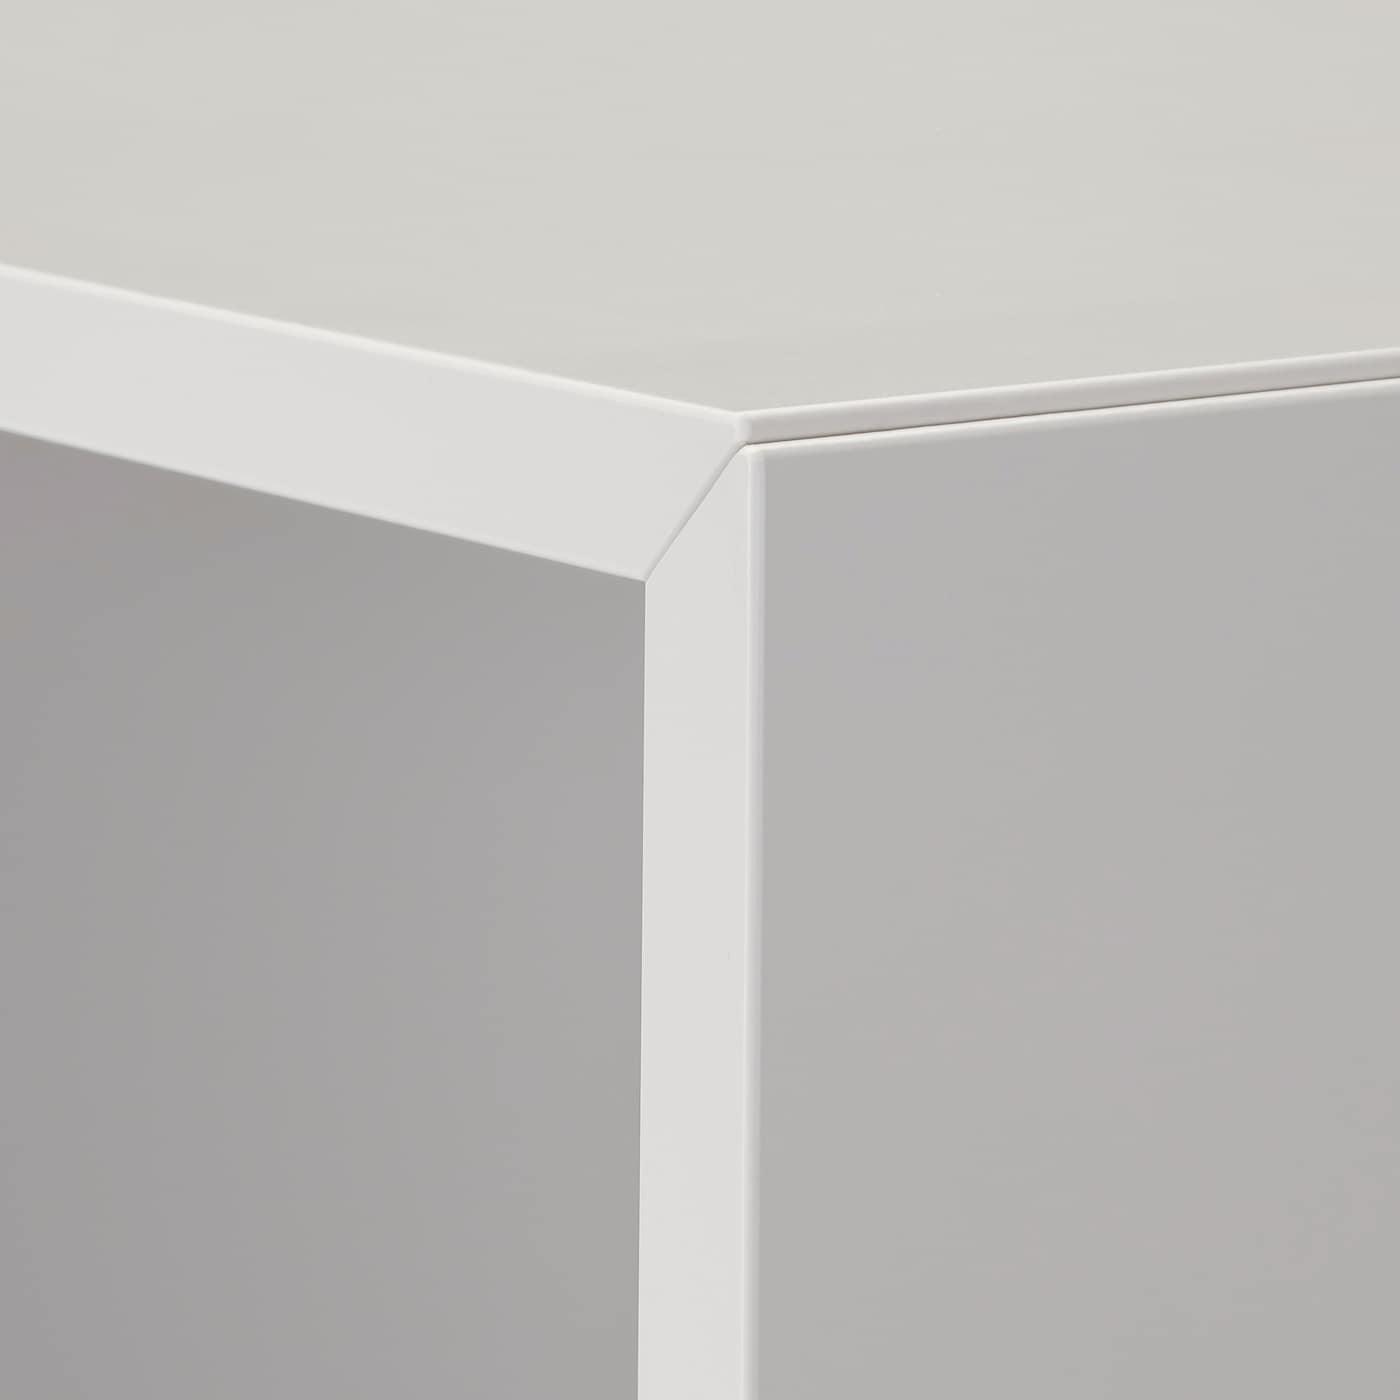 EKET Kastencombinatie voor wandmontage, wit/donkergrijs/lichtgrijs, 175x35x210 cm